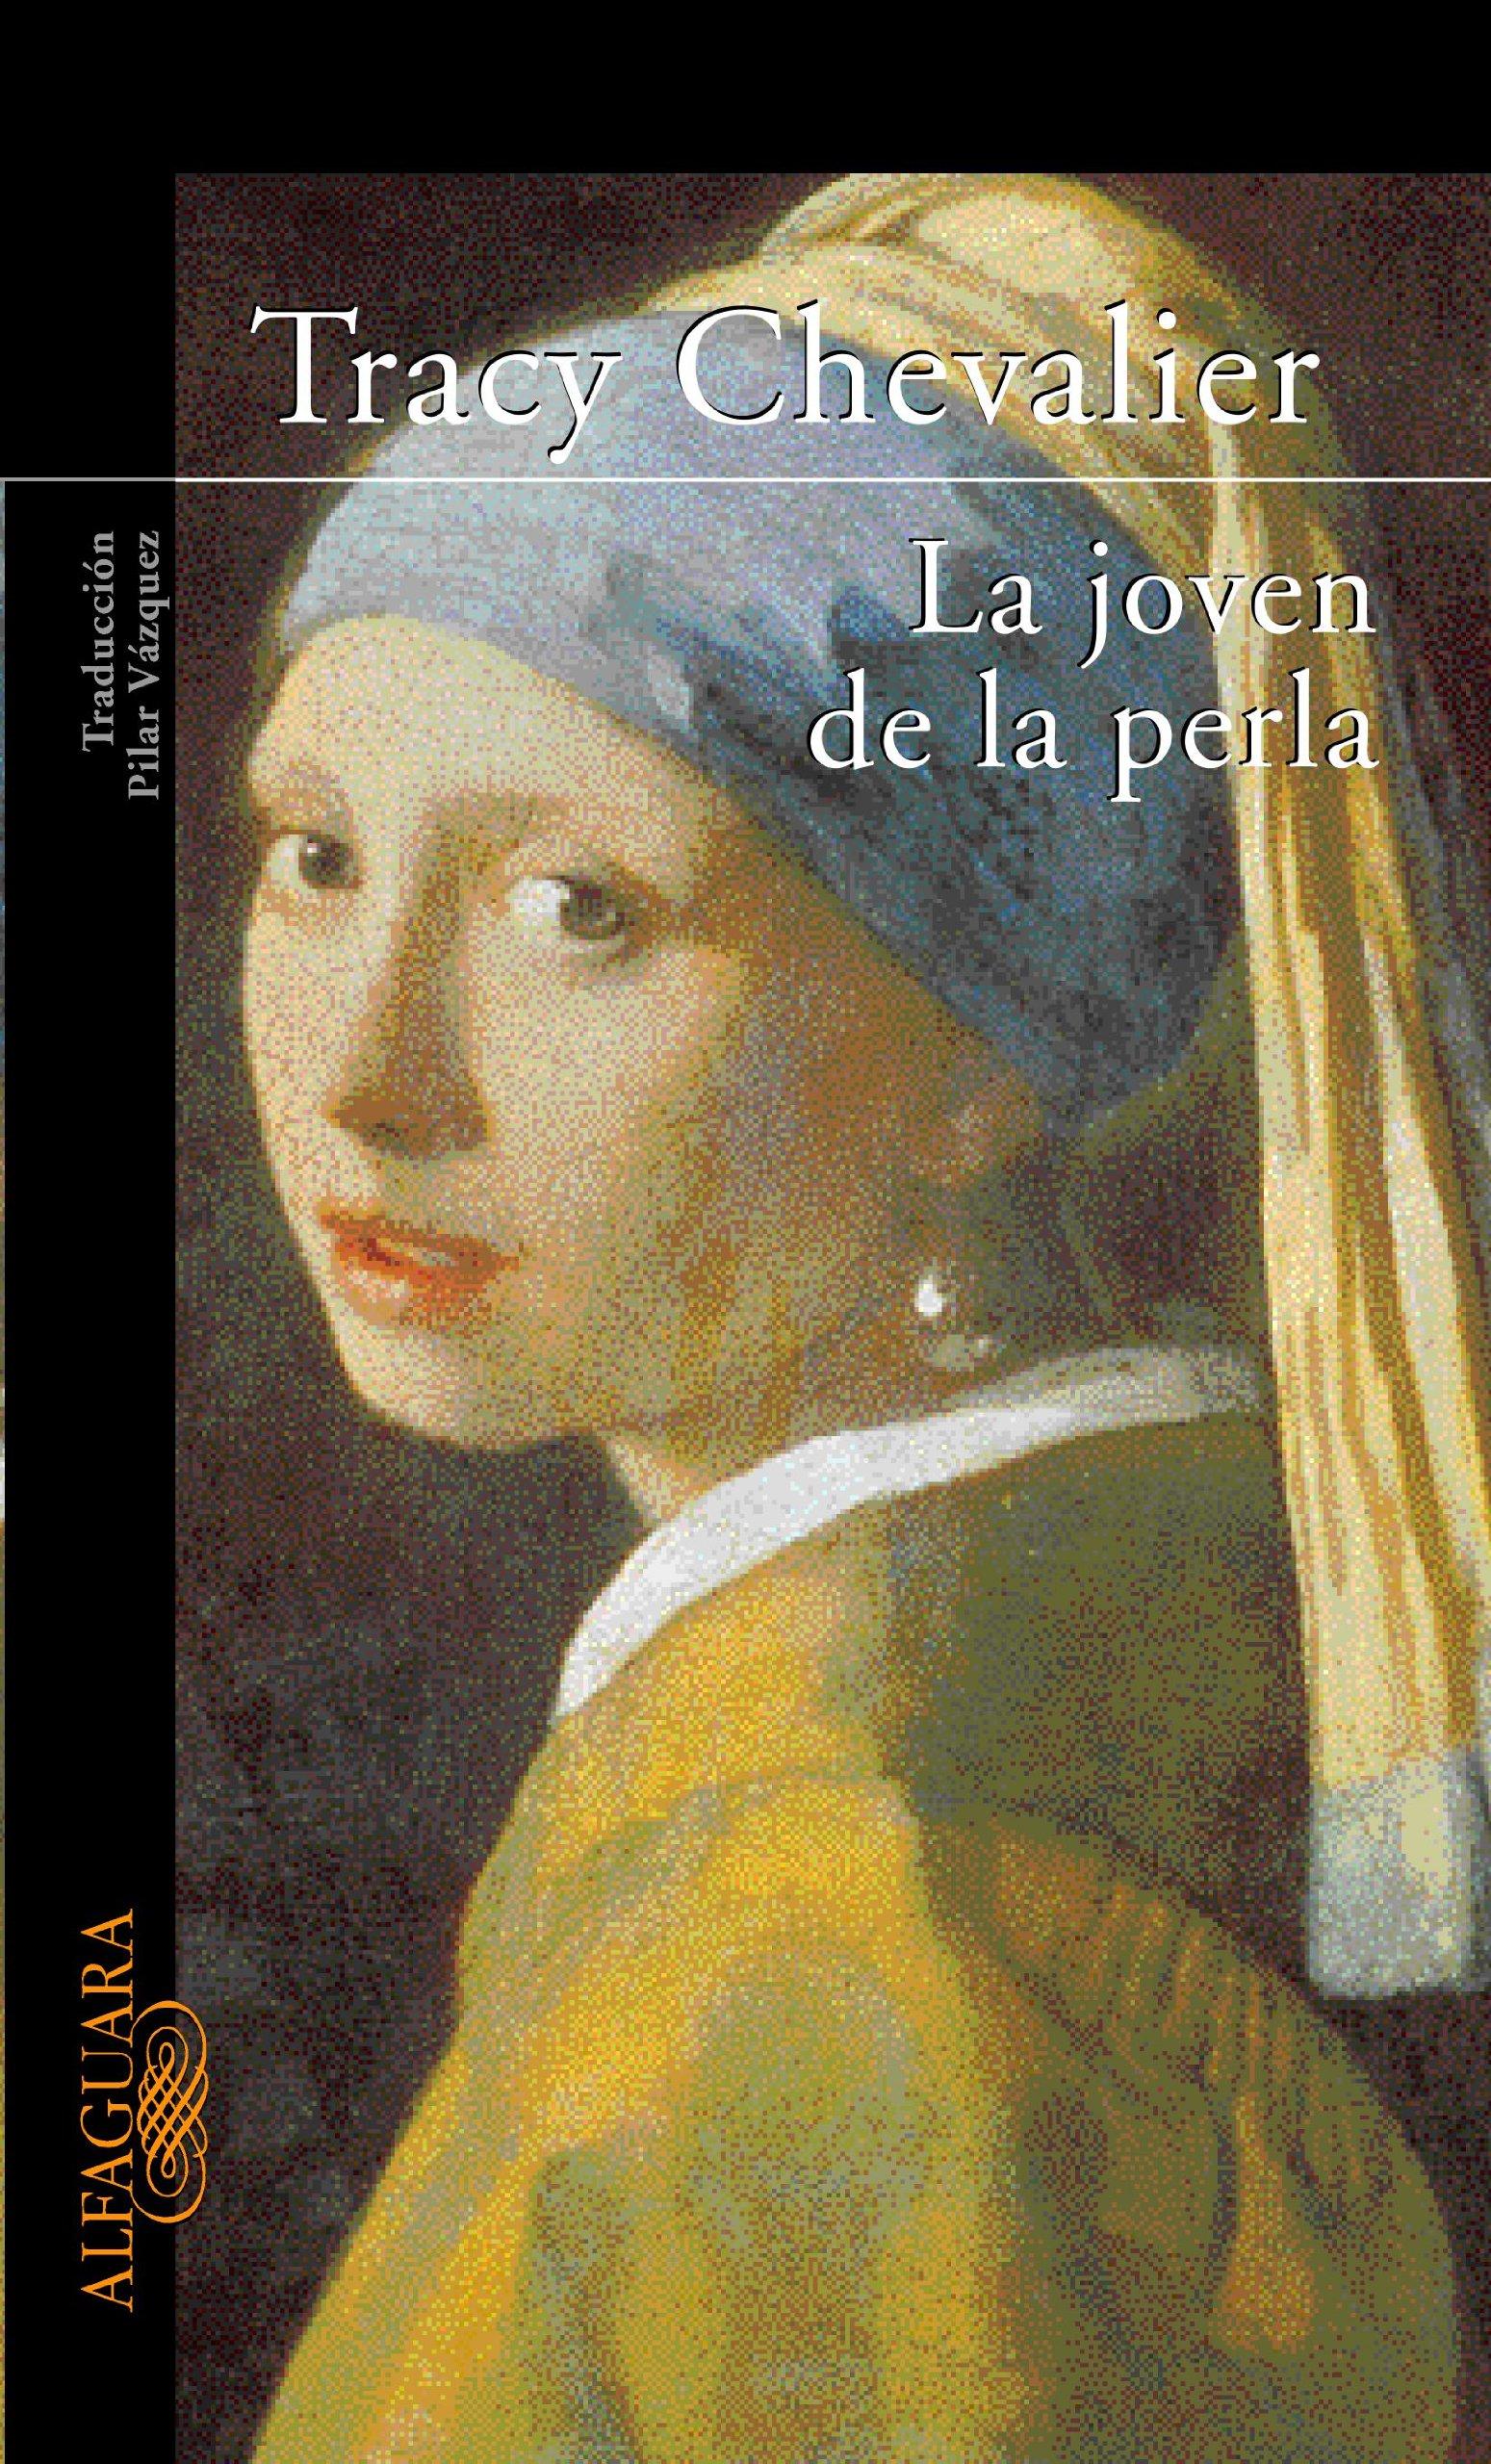 Dislocación Facultad Consejo  Amazon.com: La joven de la perla (Fuera de colección) (Spanish Edition)  (9788420442365): Chevalier, Tracy, Vázquez, Pilar: Books